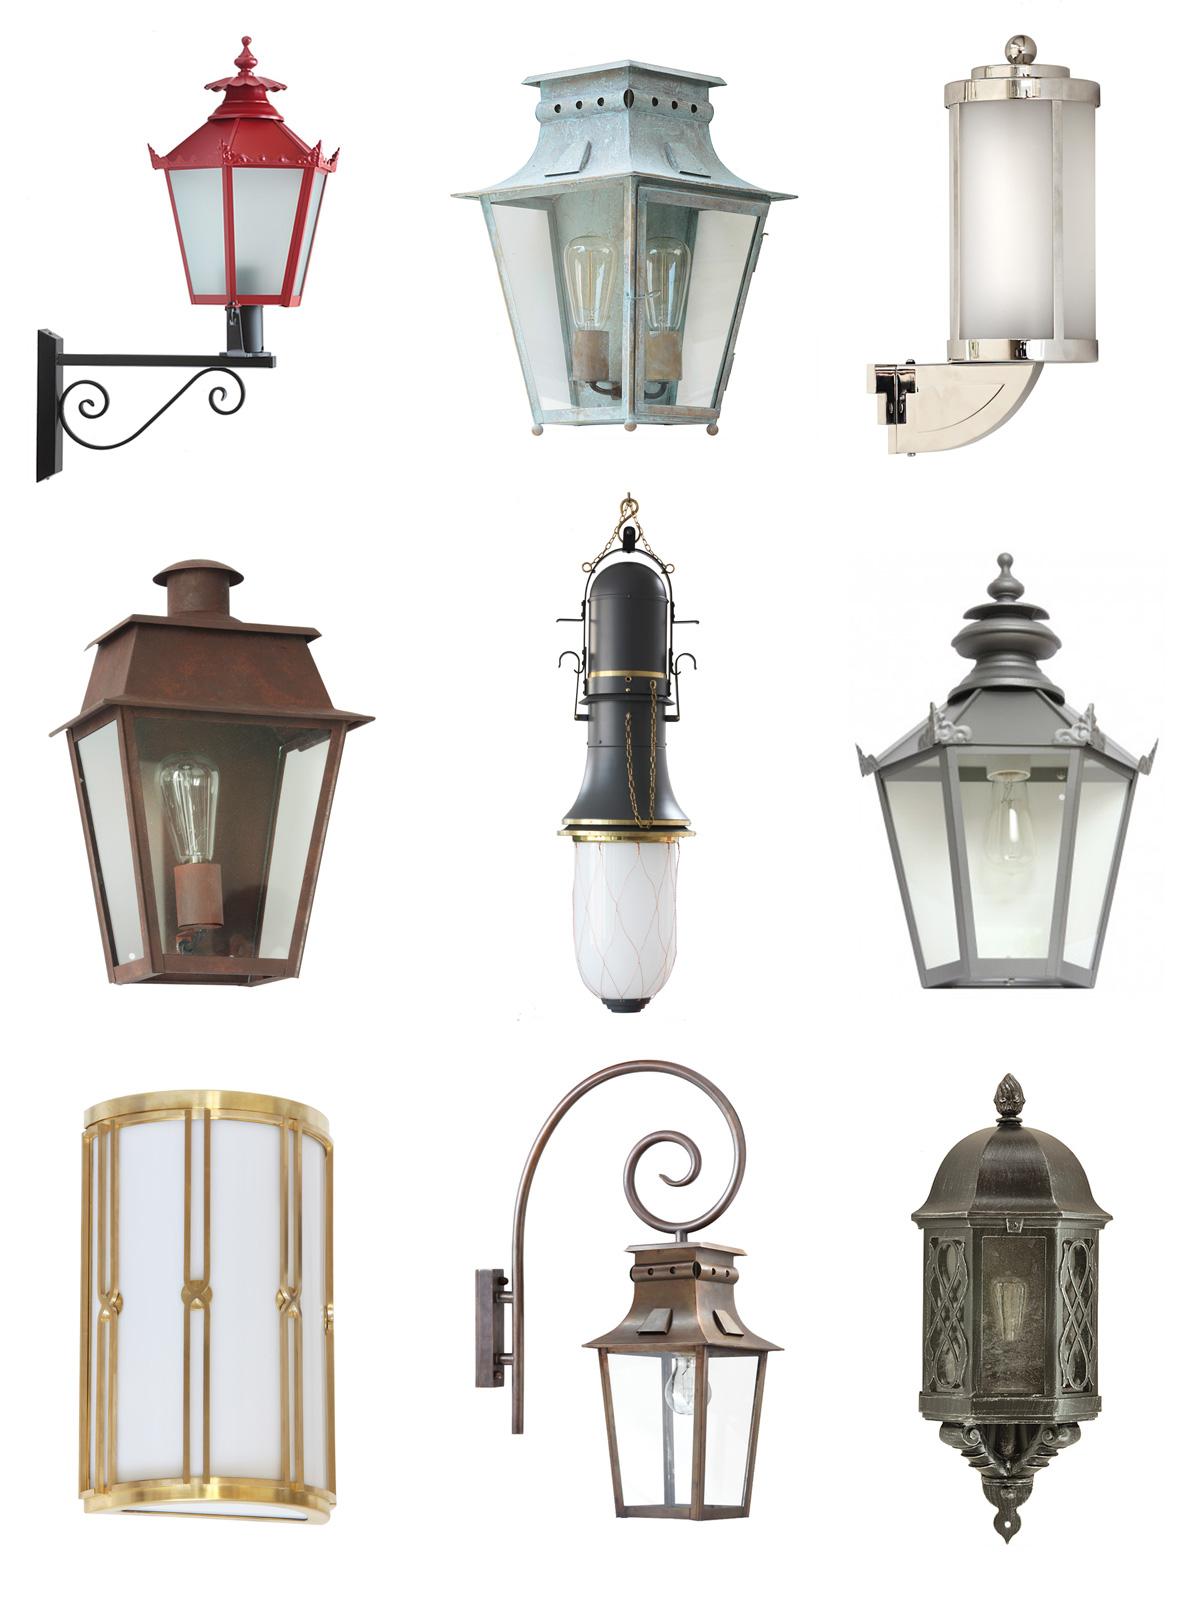 sch ne und exklusive leuchten f r den au enbereich lumi leuchten. Black Bedroom Furniture Sets. Home Design Ideas